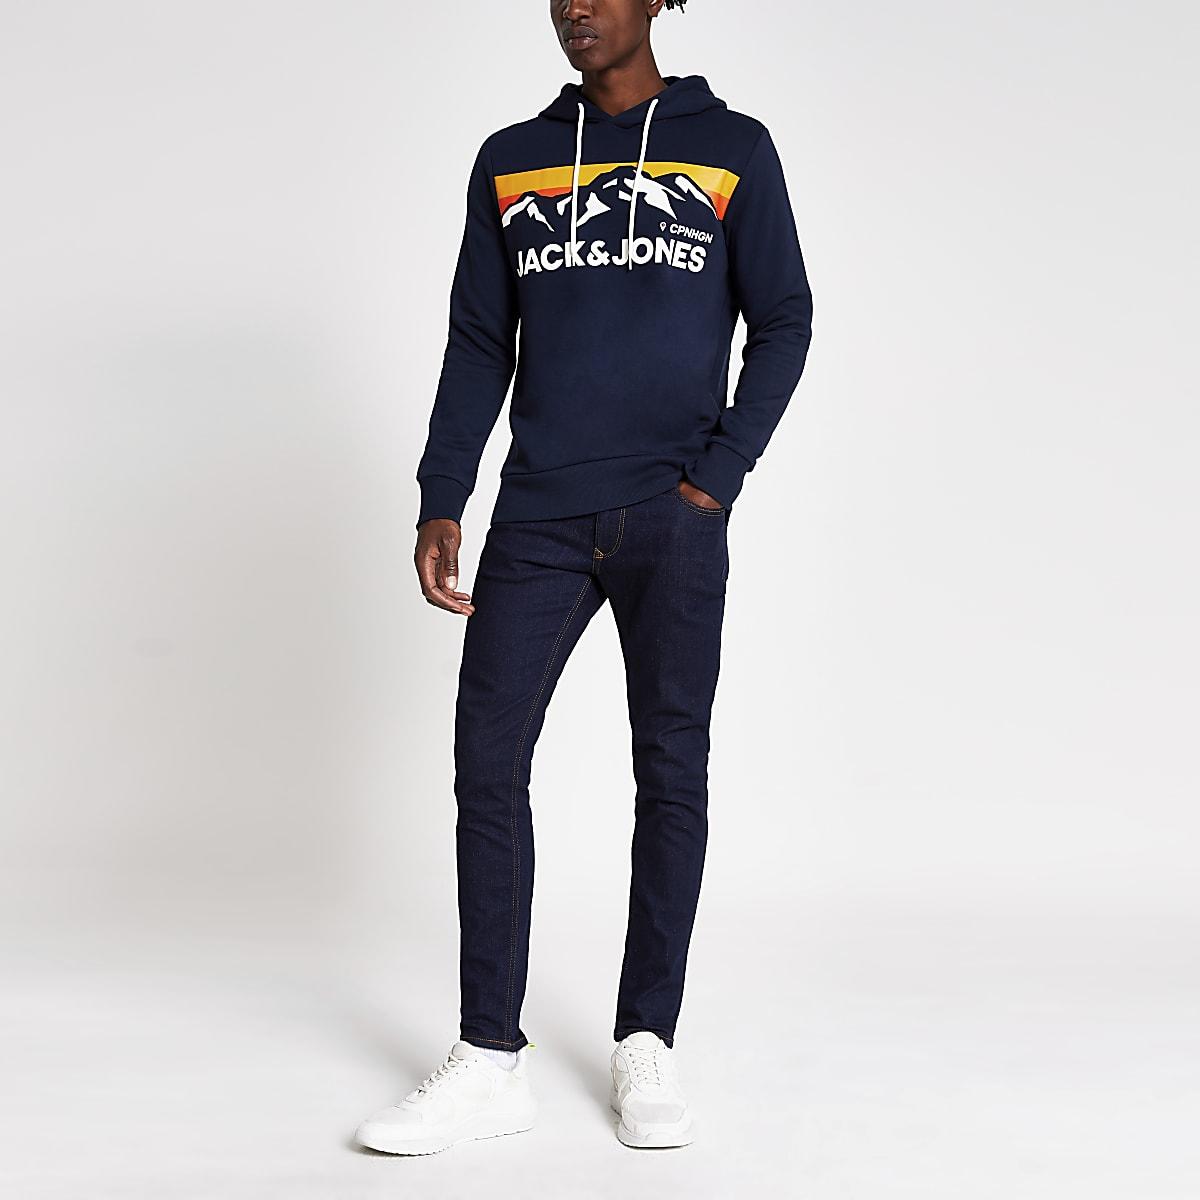 Jack and Jones - Marineblauwe hoodie met print